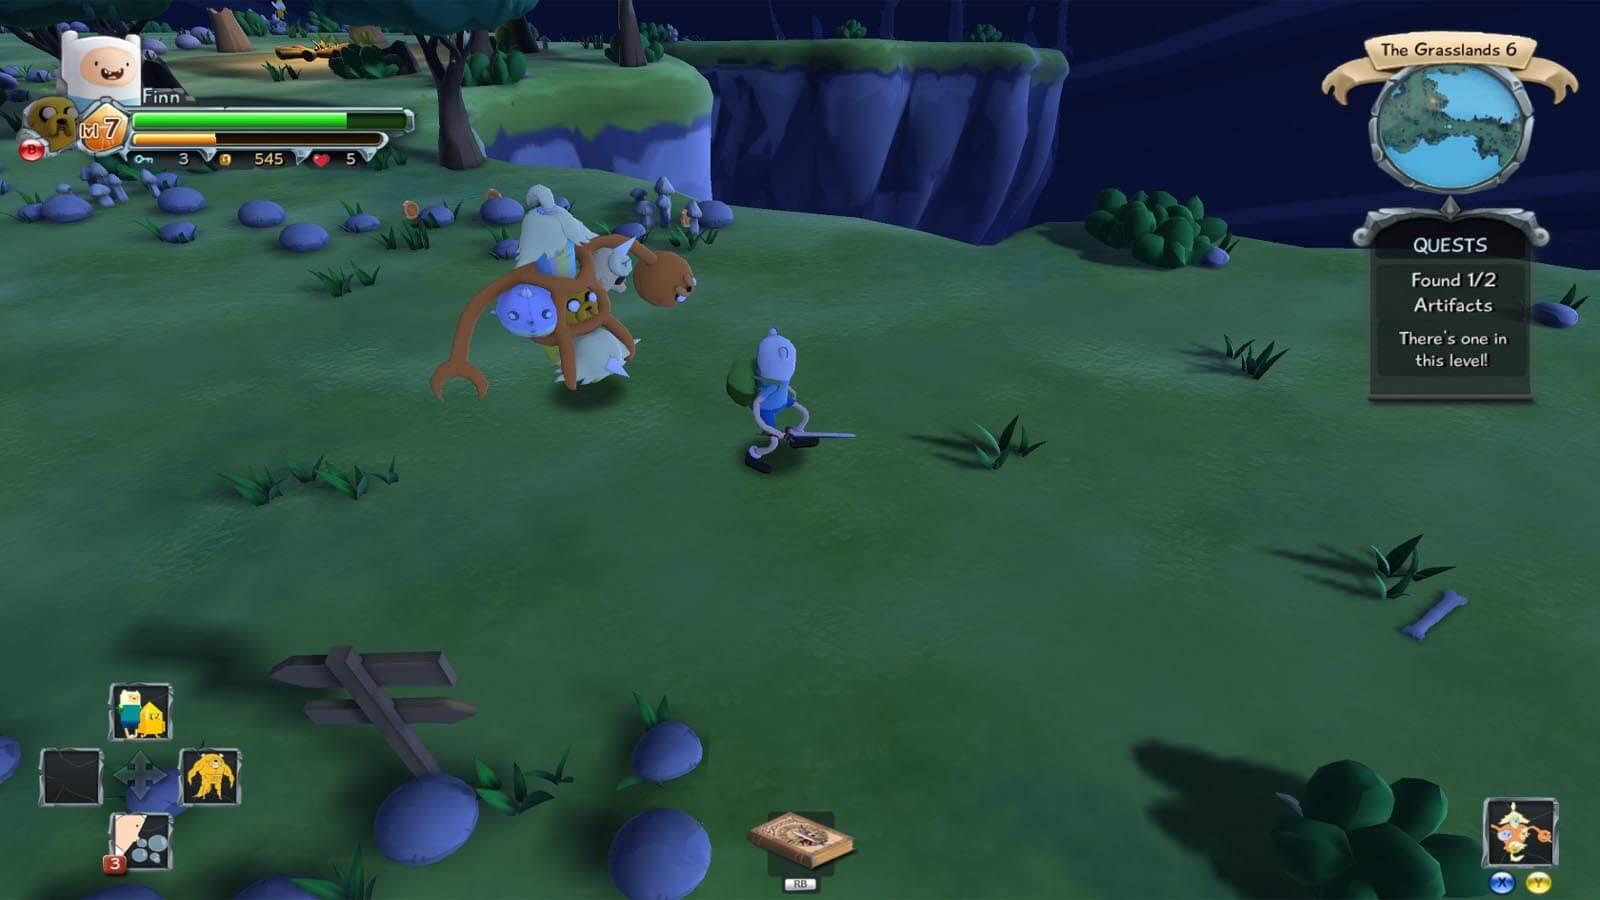 تحميل لعبة Adventure Time Finn And Jake's Epic Quest مضغوطة كاملة بروابط مباشرة مجانا